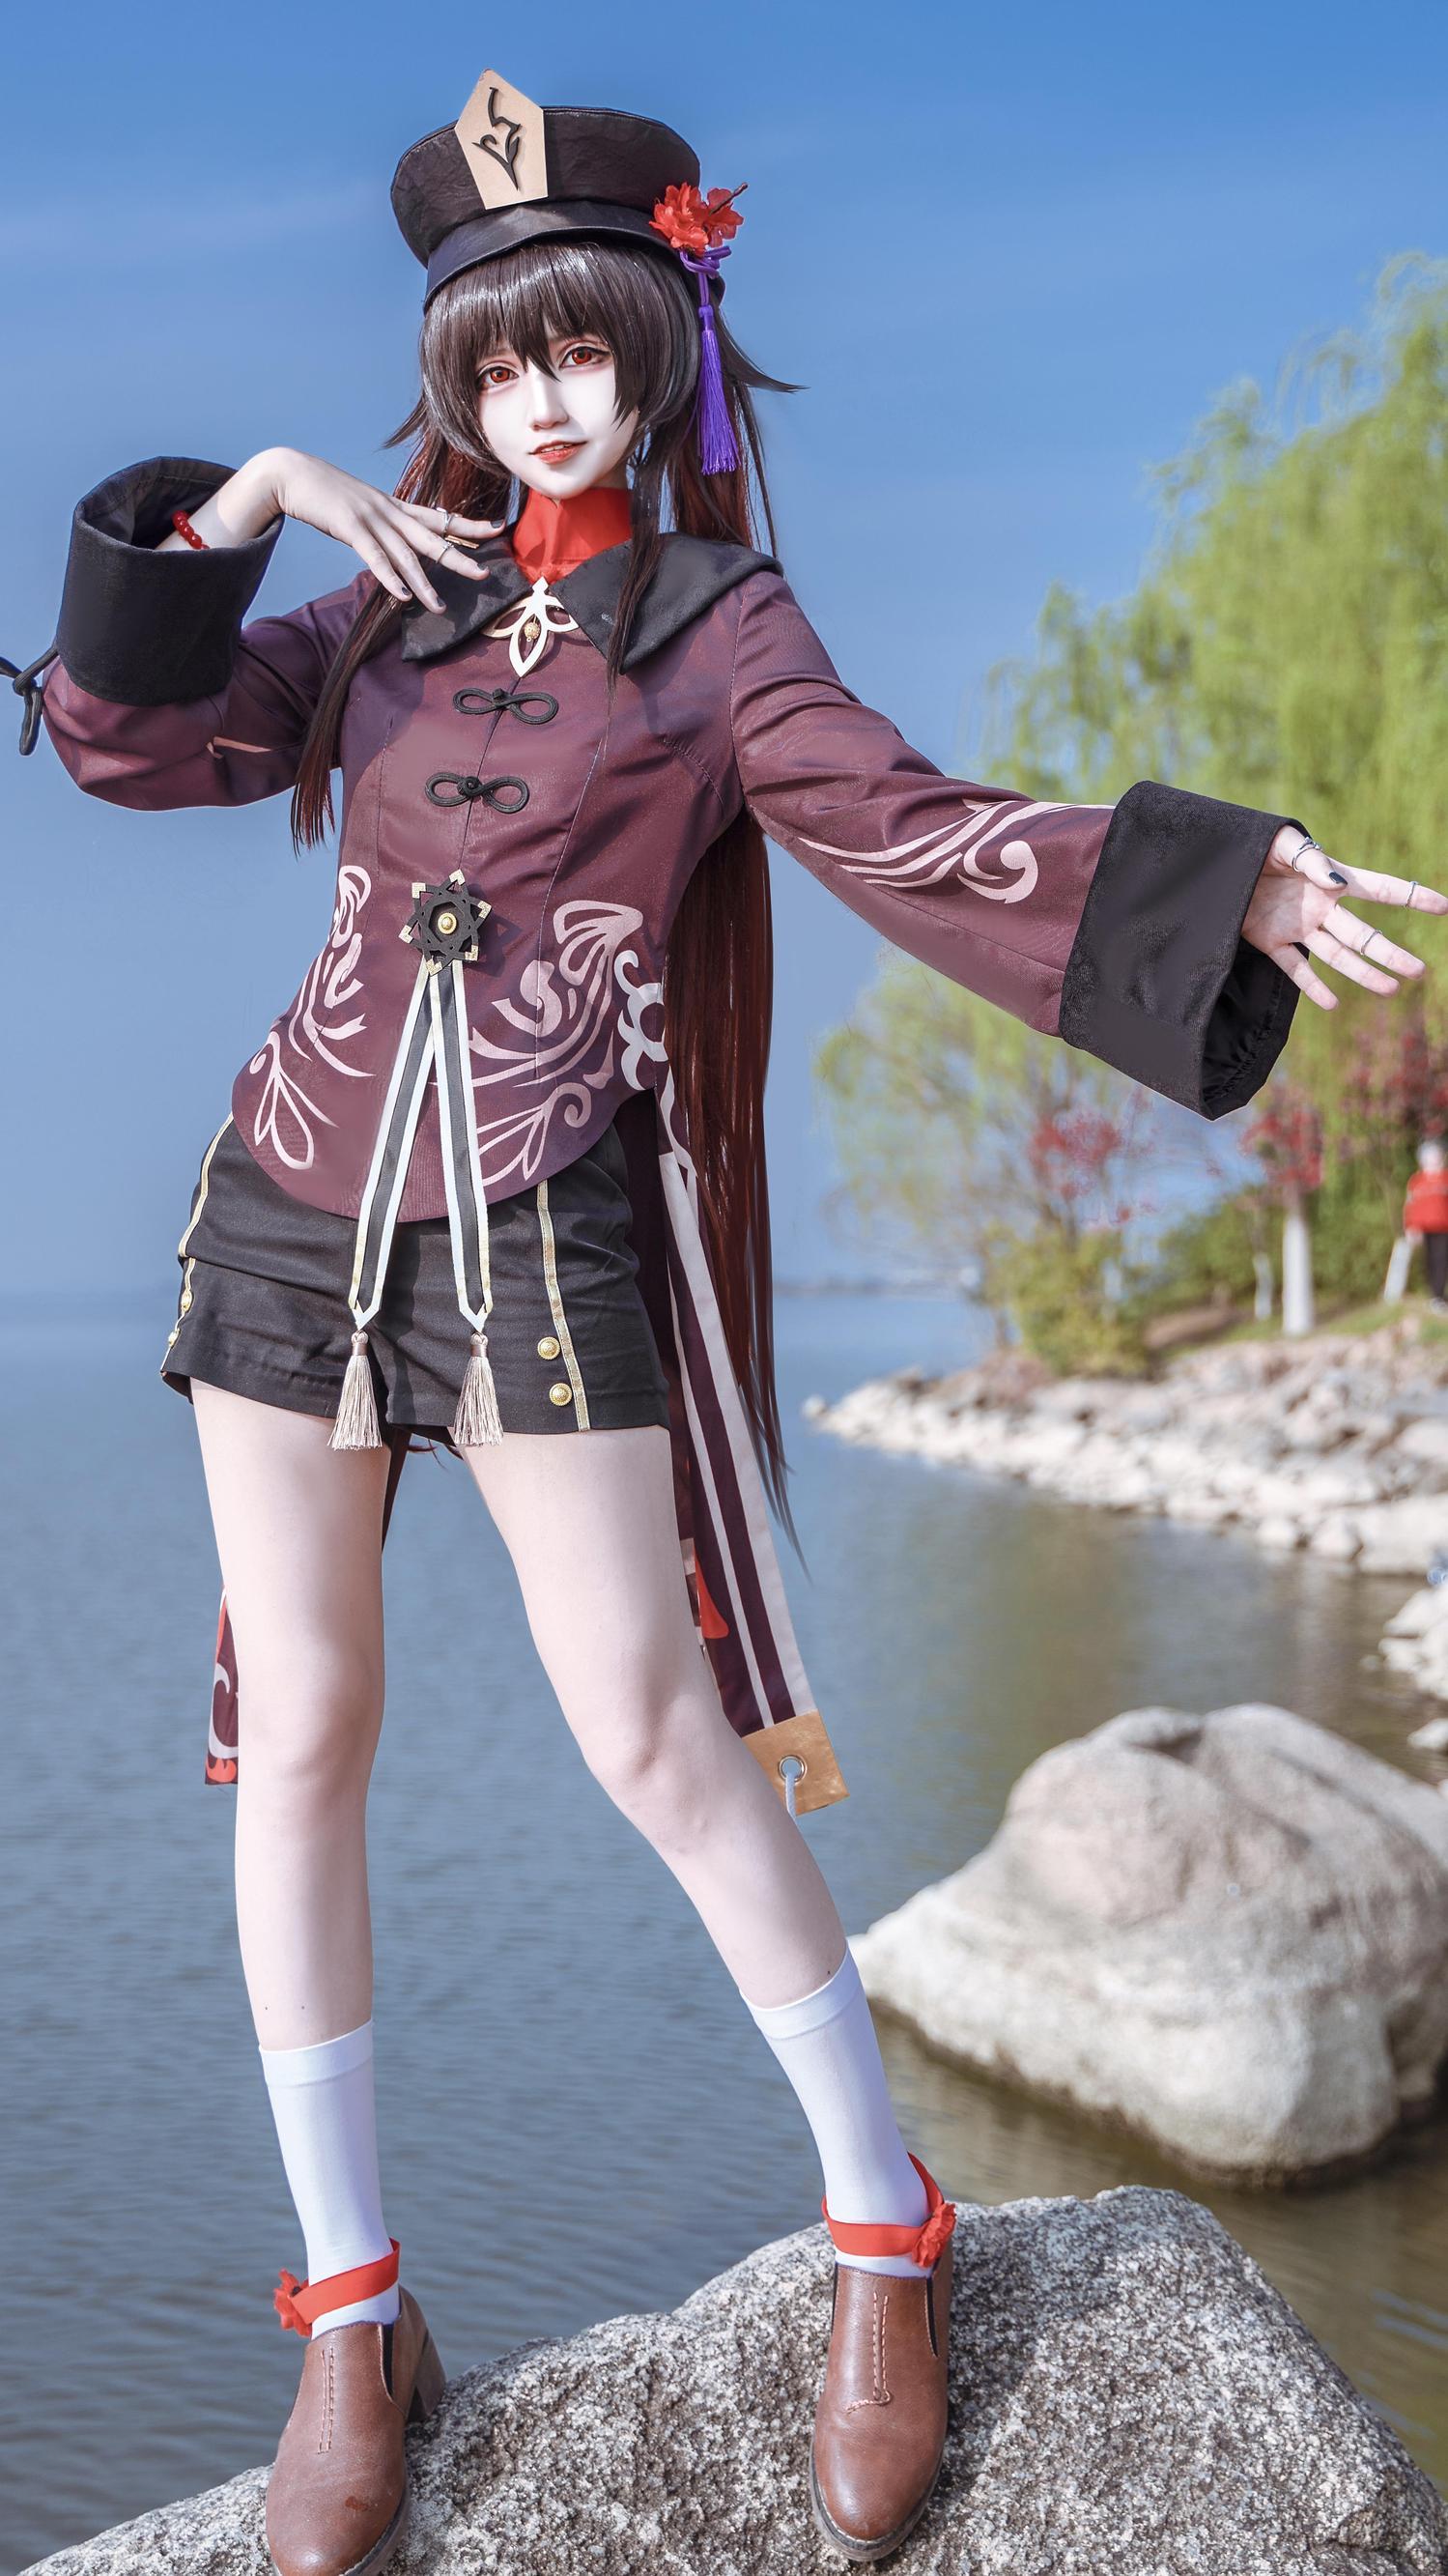 《原神》正片cosplay【CN:南千鲤Akirui】-第5张